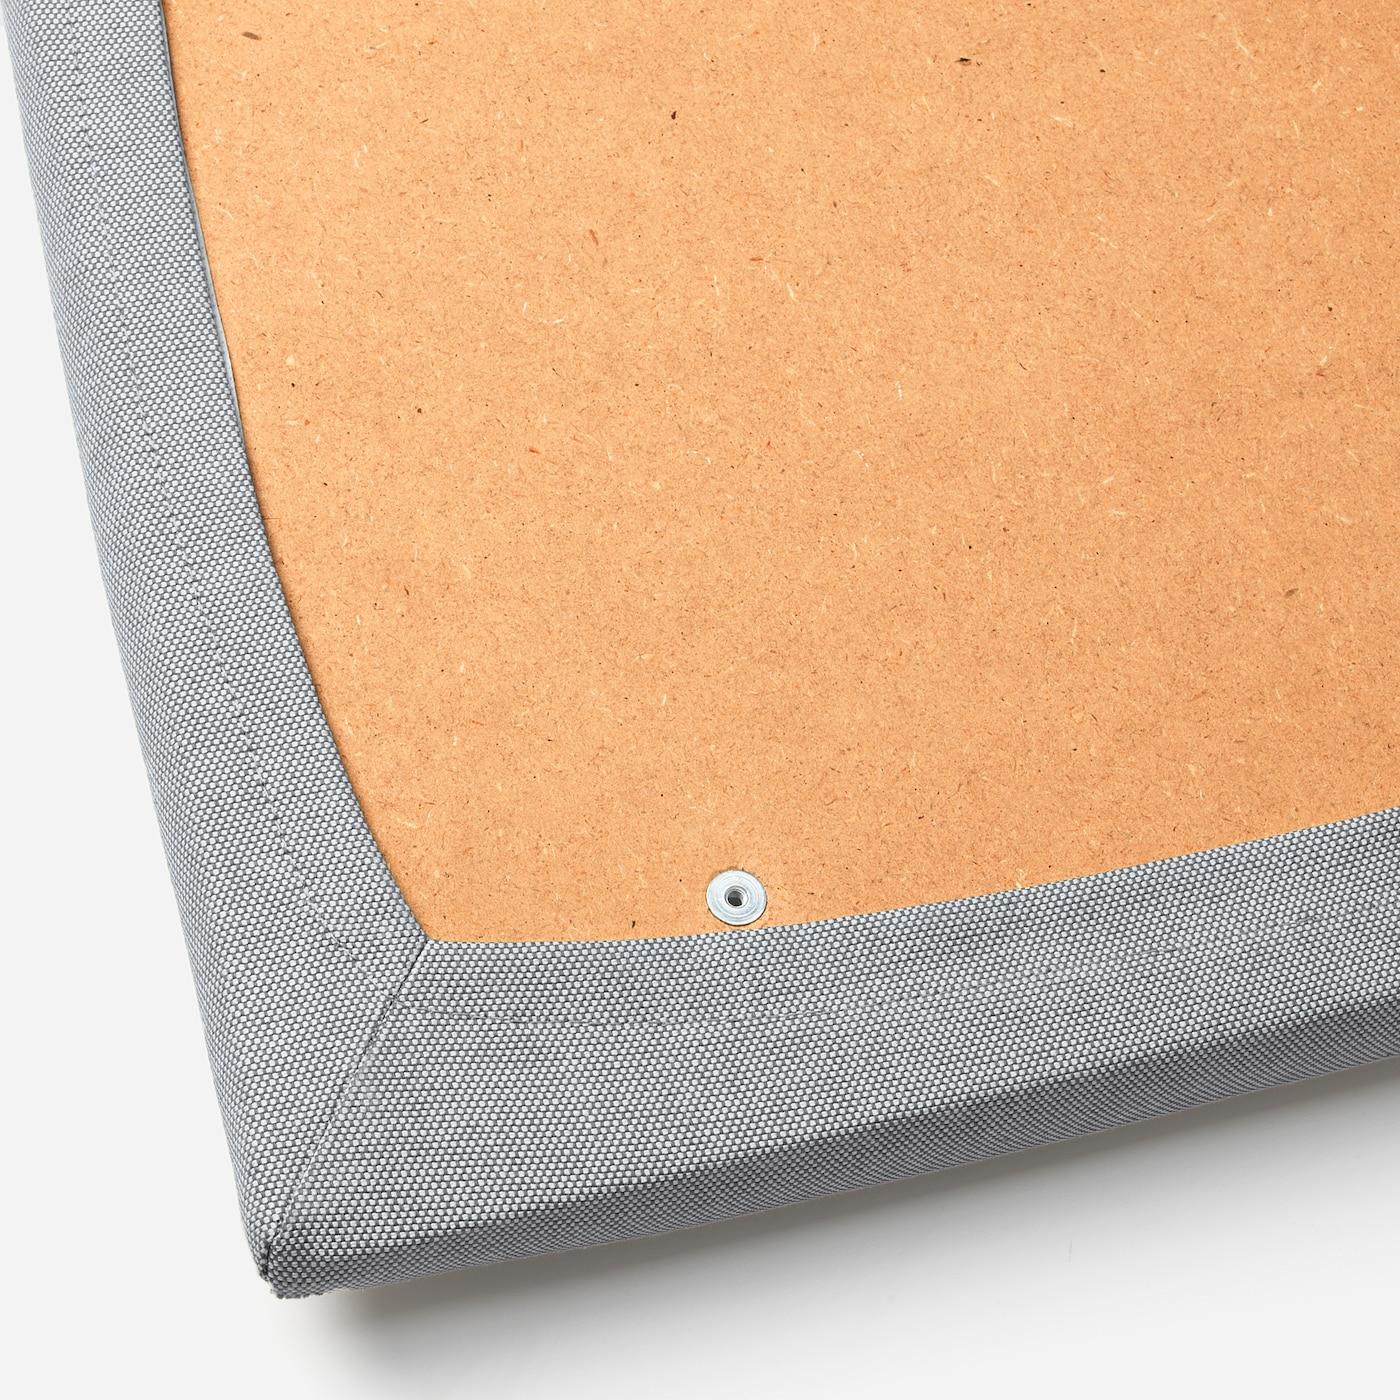 EKEDALEN Barstol vitOrrsta ljusgrå 62 cm